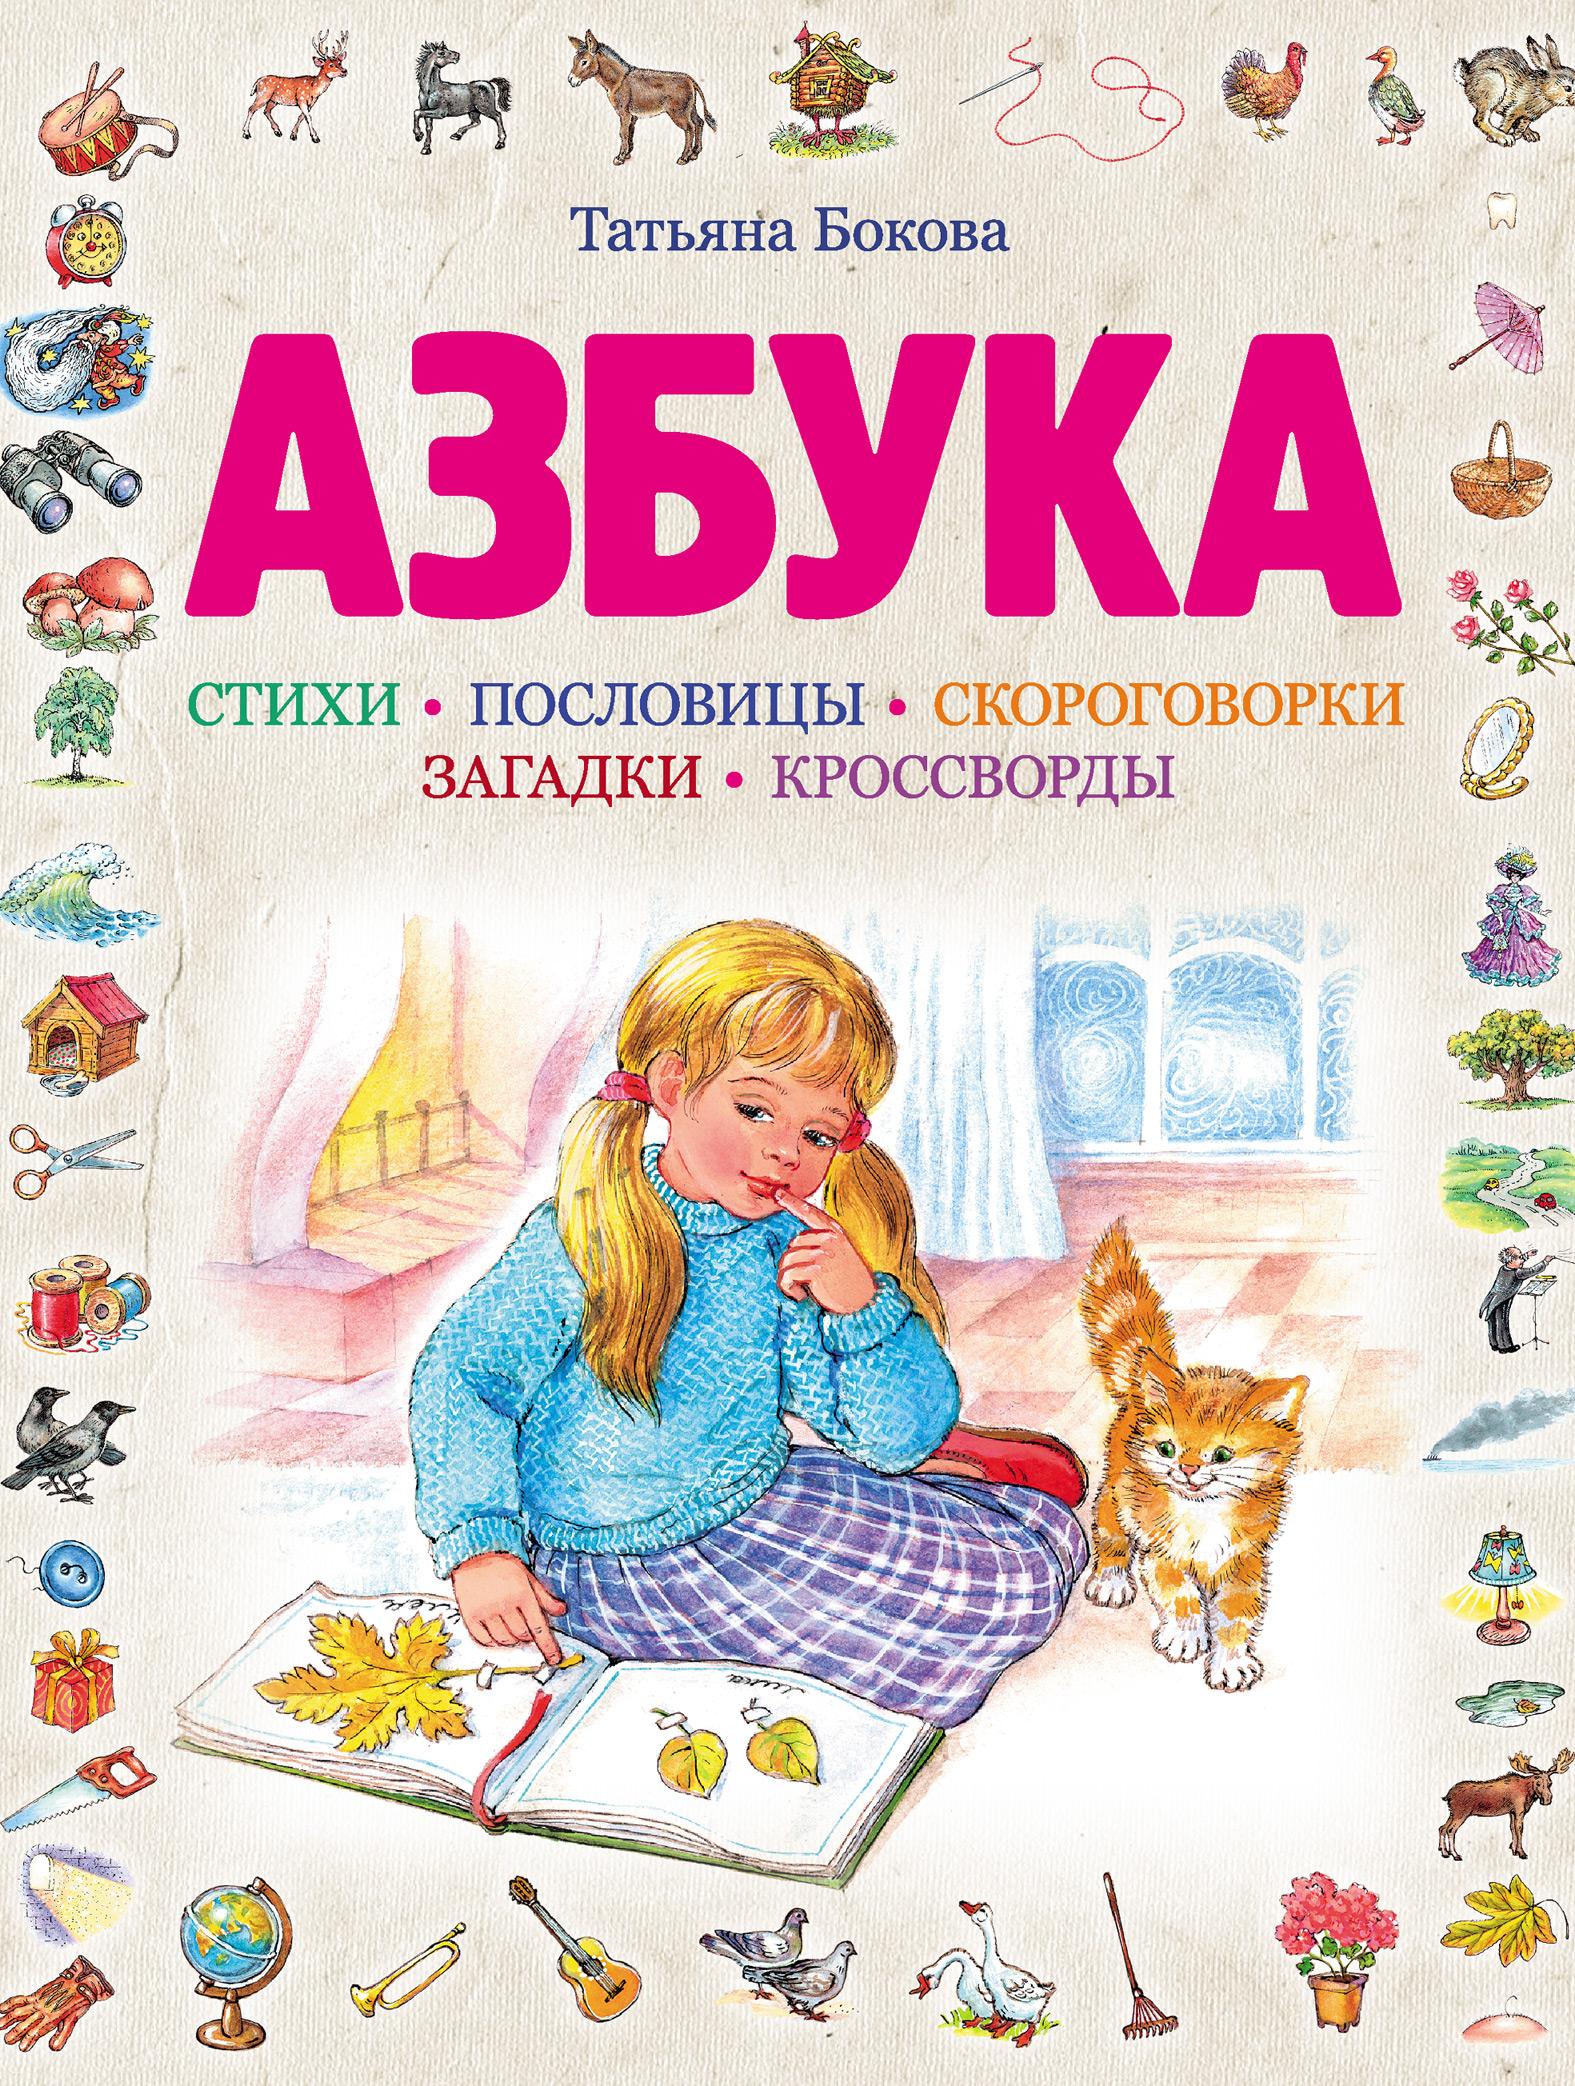 купить Татьяна Бокова Азбука онлайн